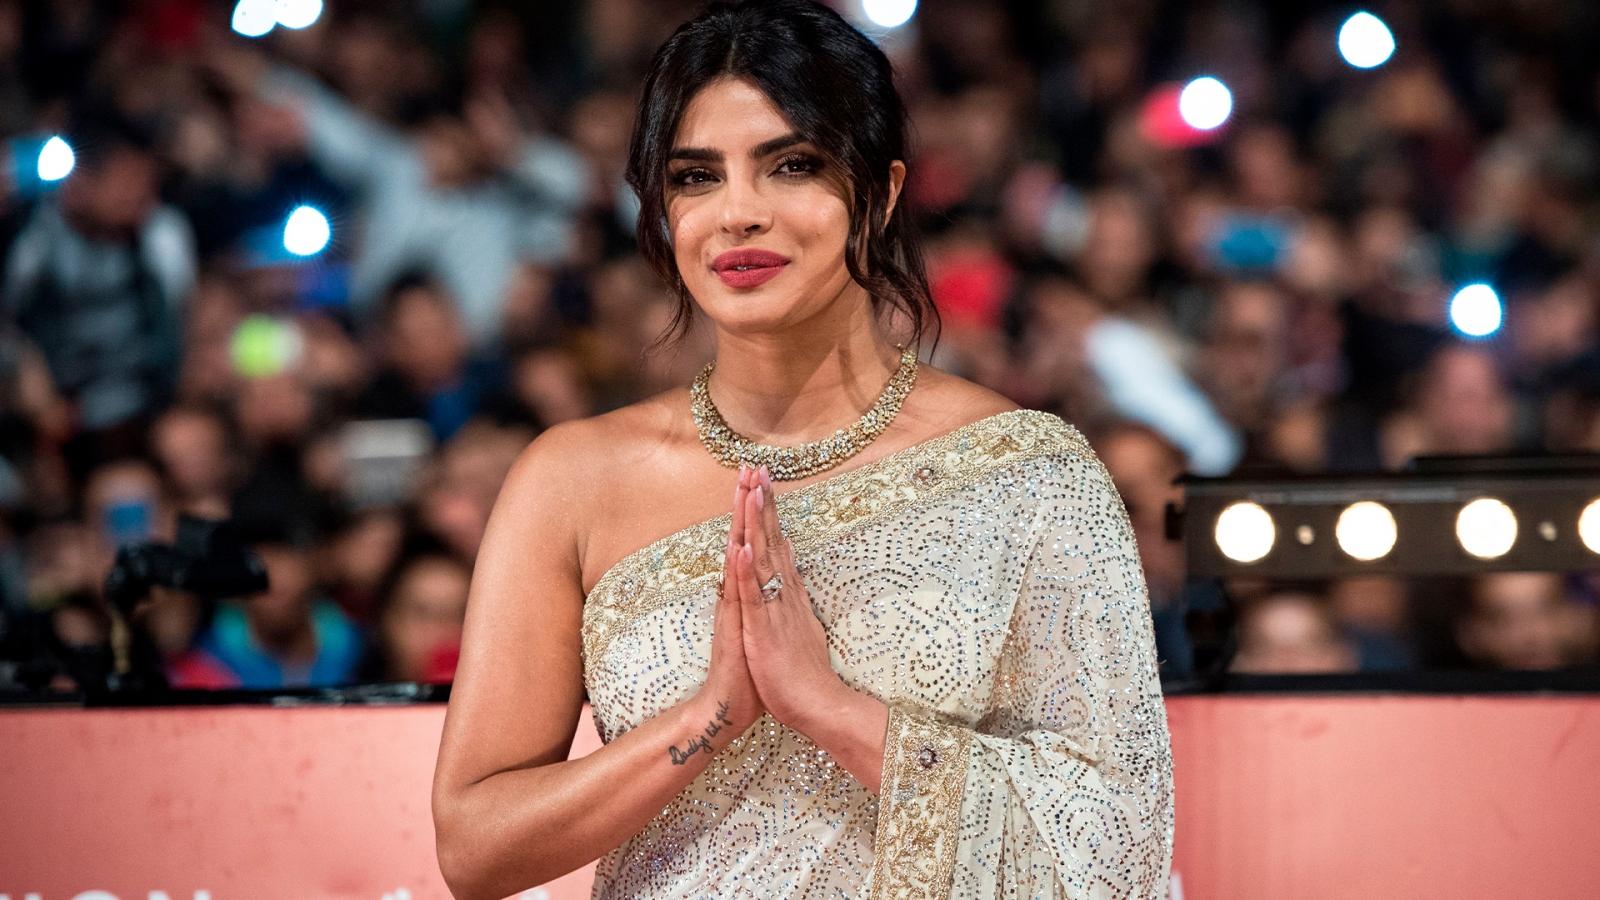 Bí quyết giữ gìn nhan sắc trẻ lâu của phụ nữ Ấn Độ